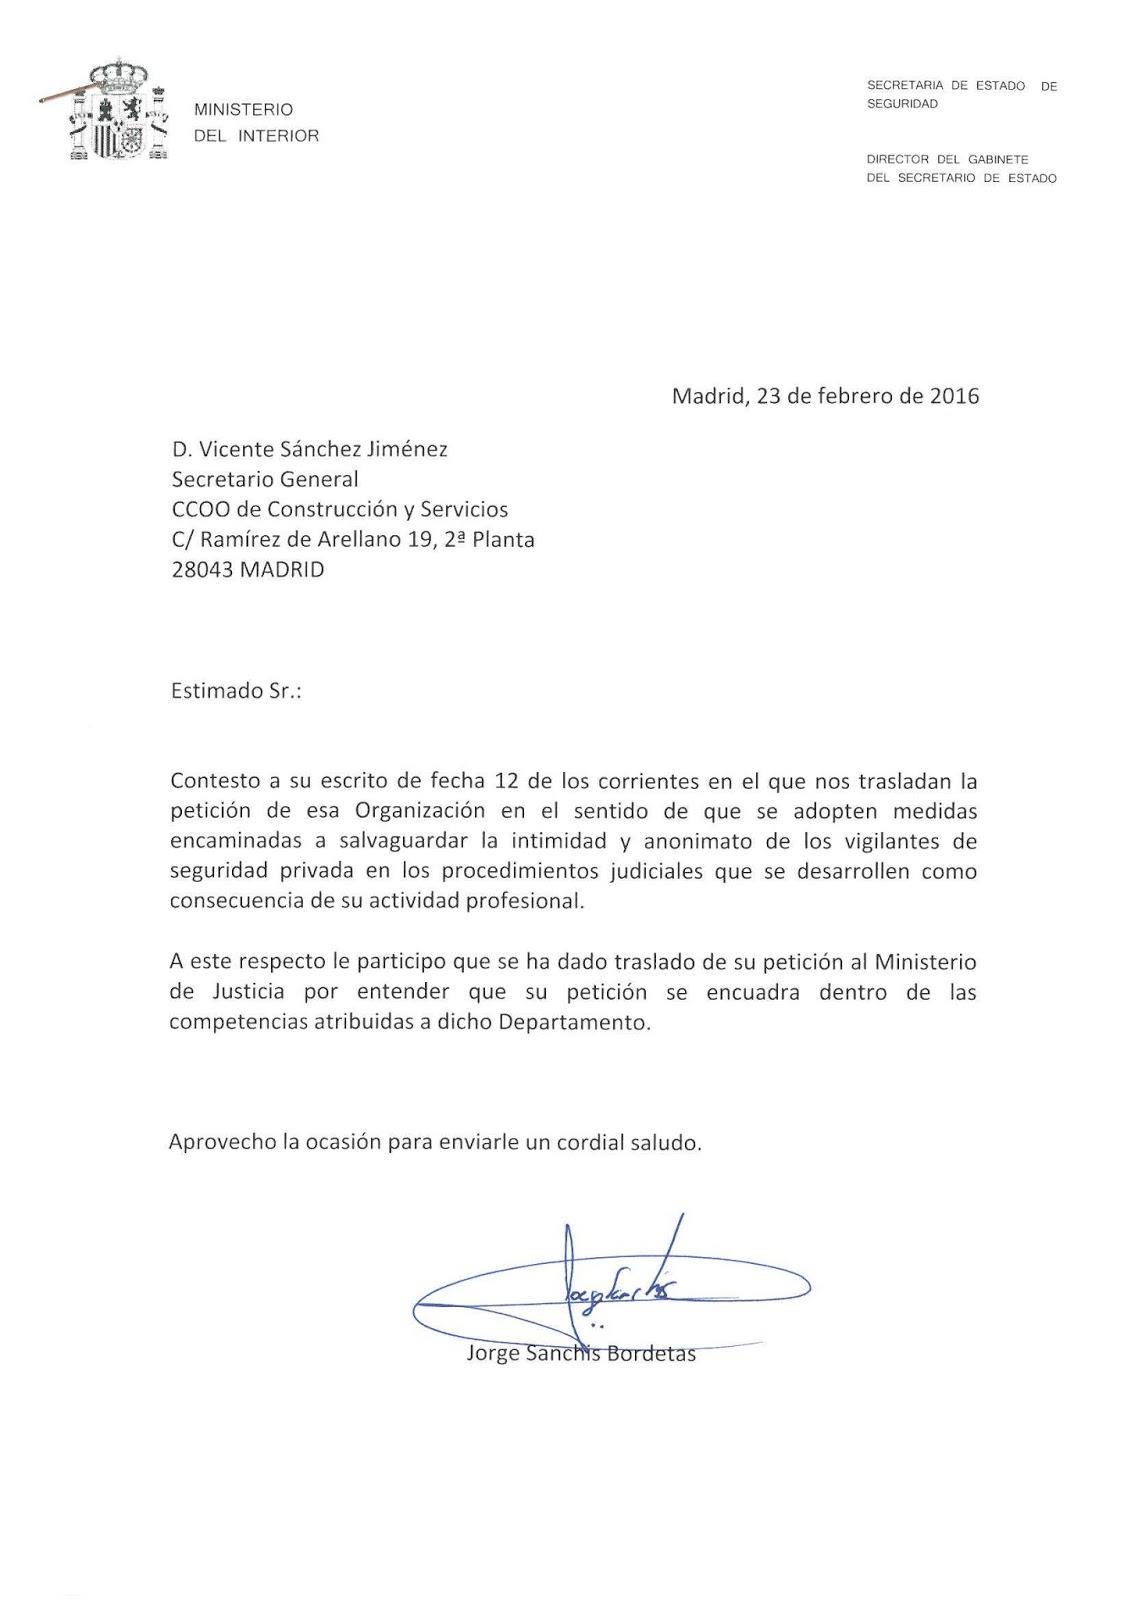 Casesaseccionsindicalccoo consultas al ministerio del for Correo ministerio del interior